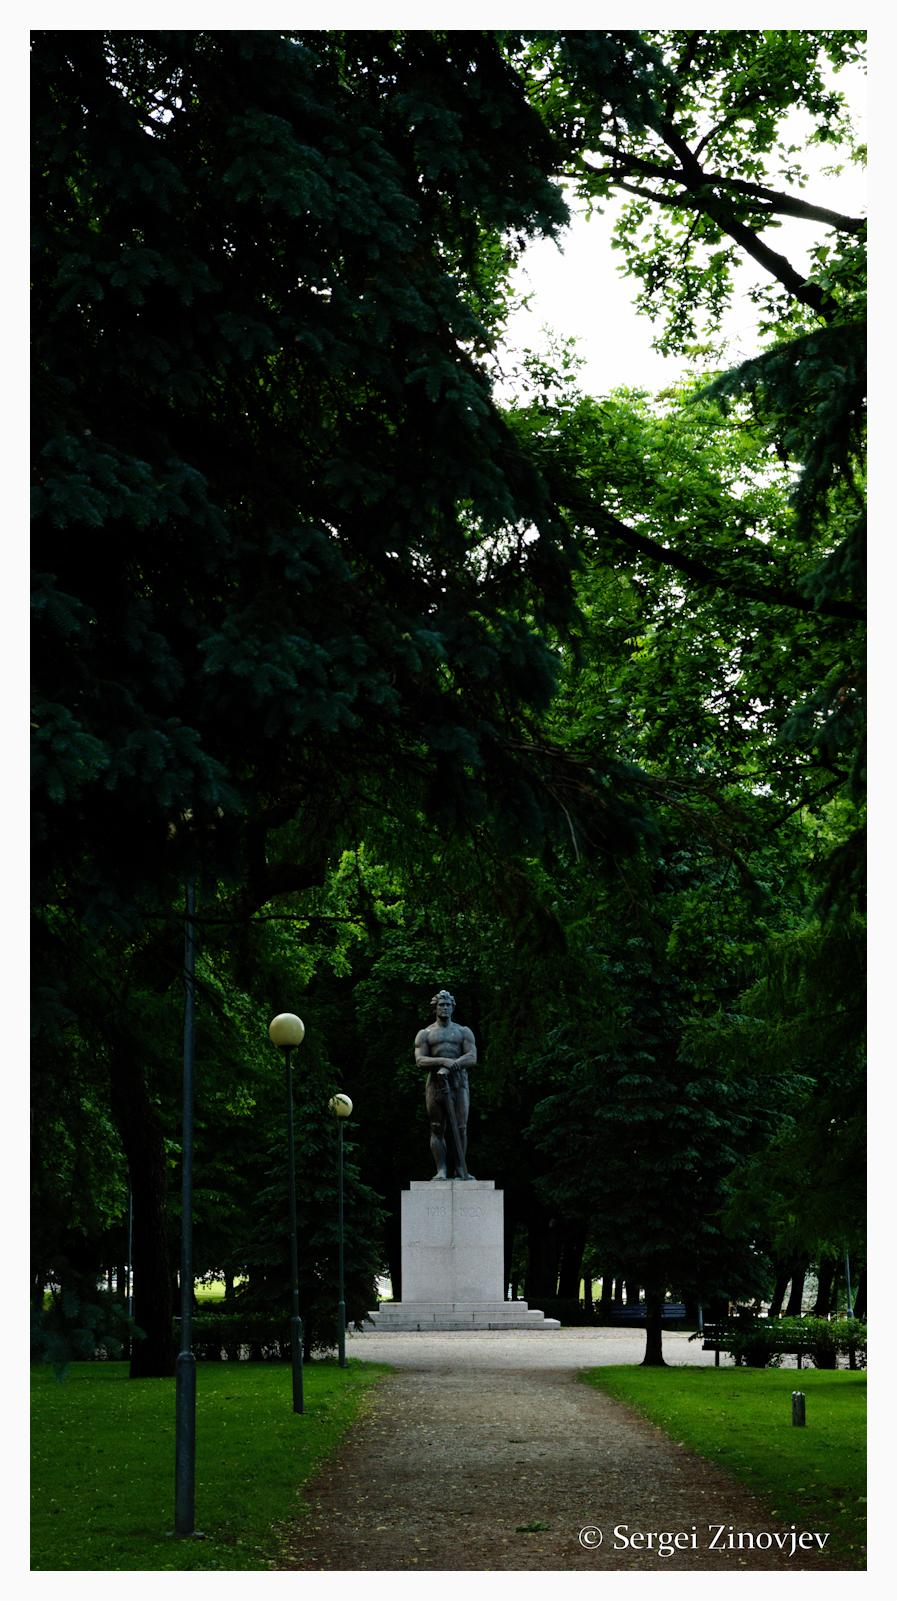 park statue in Tartu